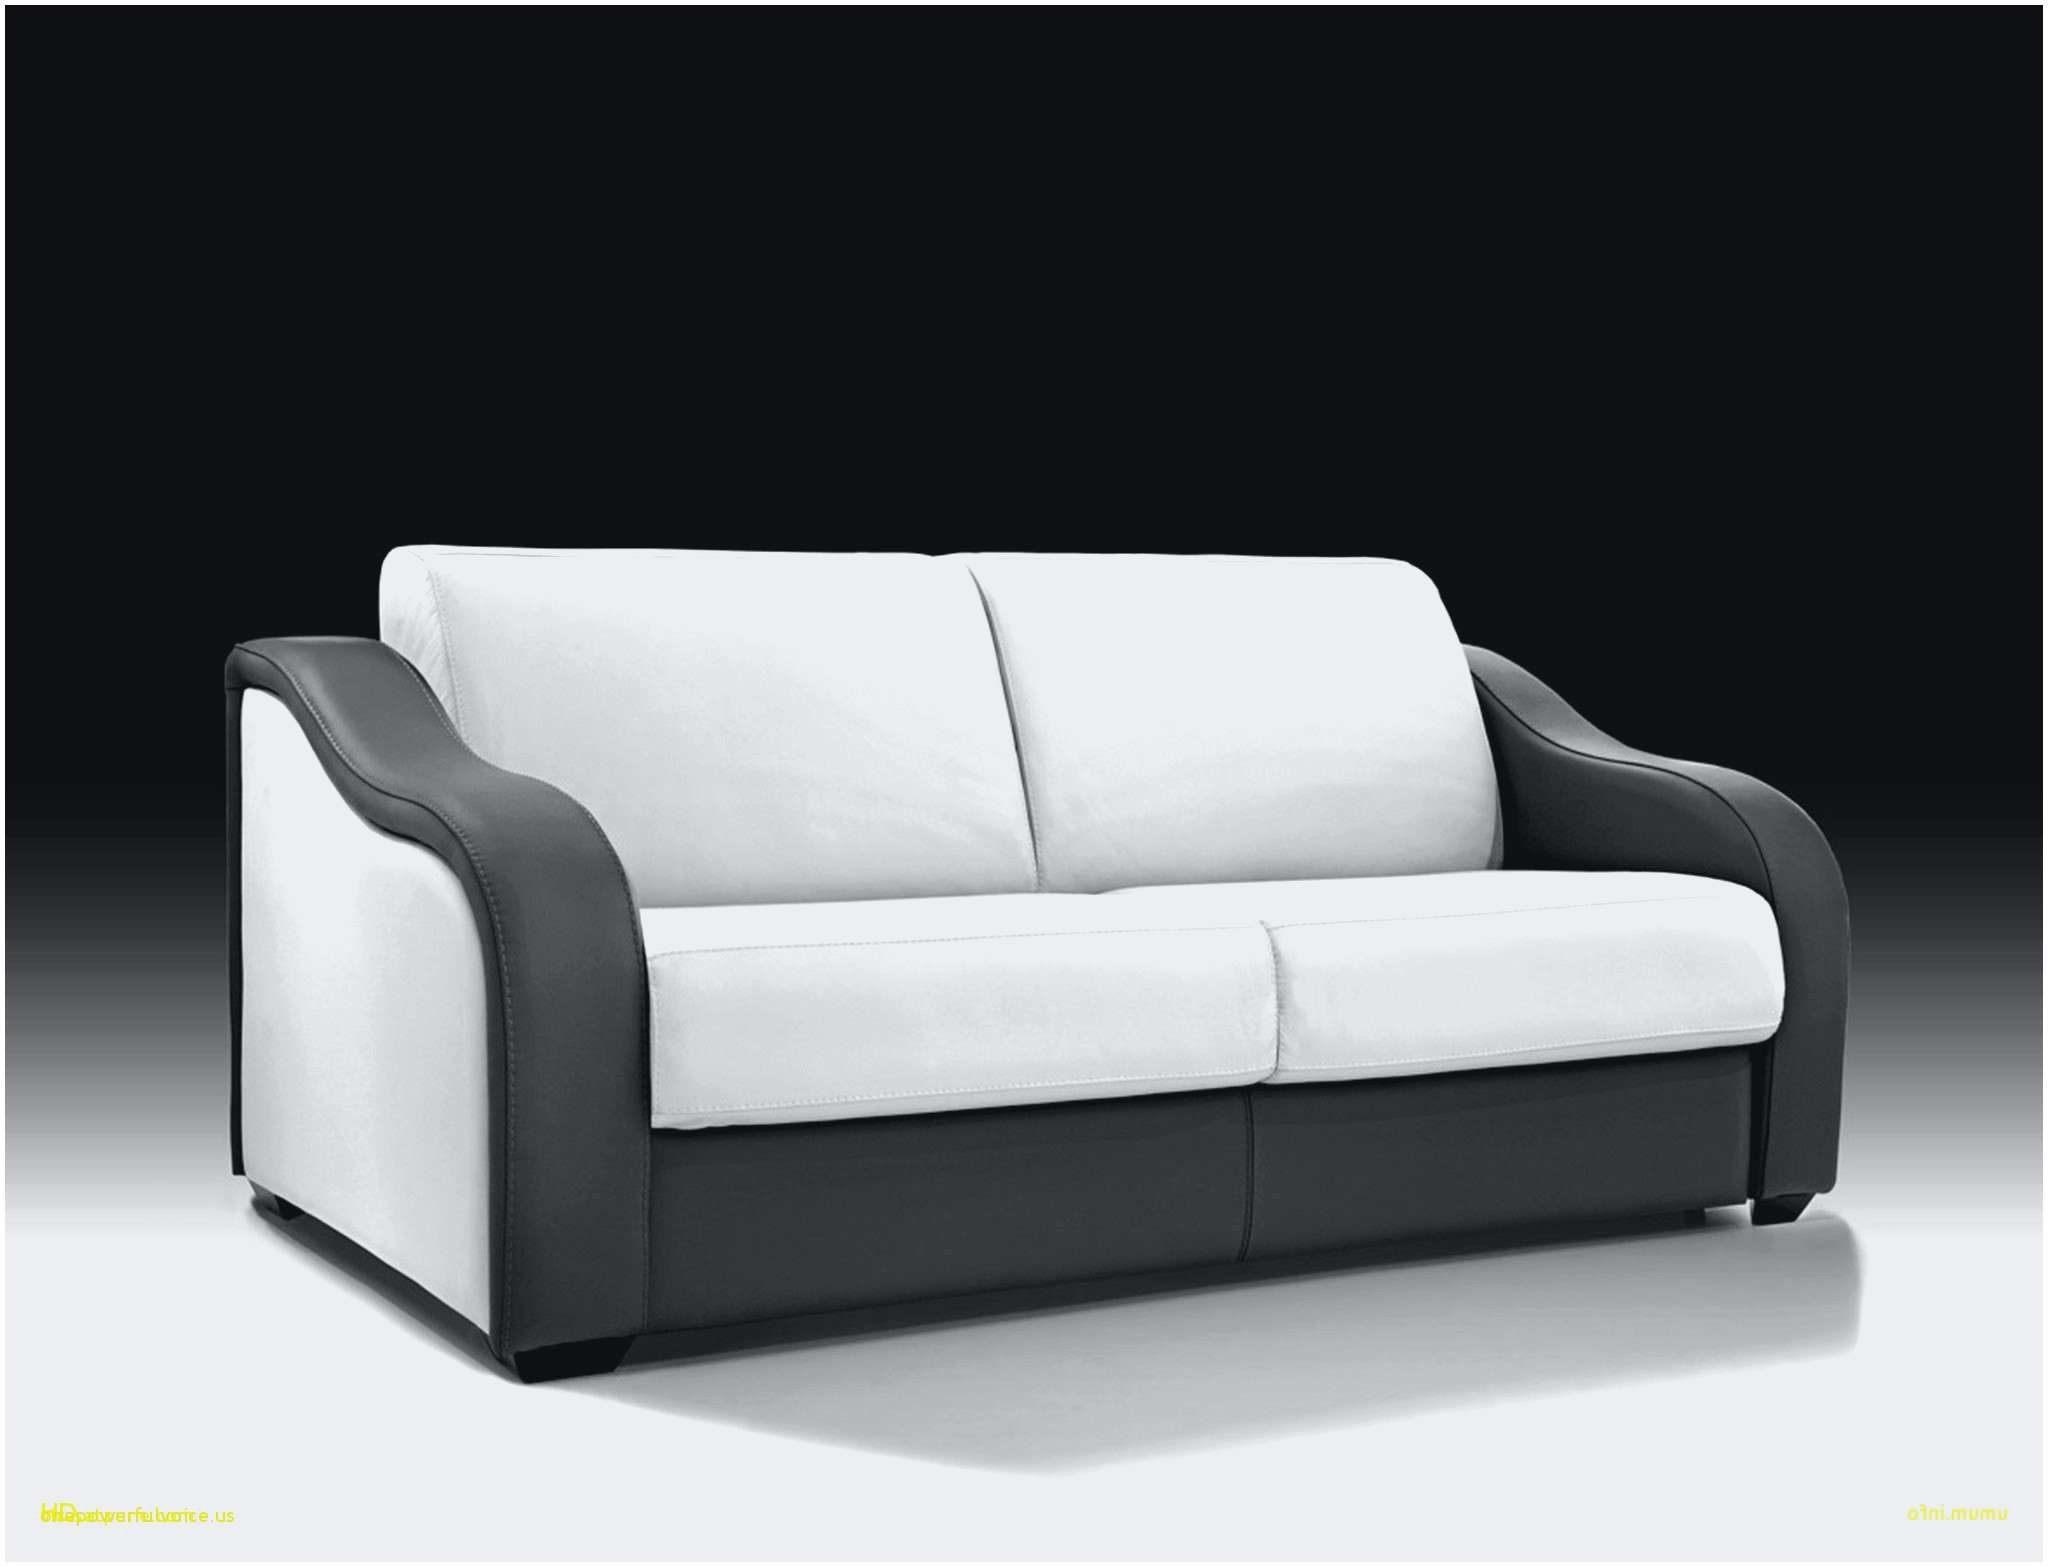 Lit Superposé Avec Lit Tiroir Magnifique Luxe Brillant Avec attrayant Canapé Convertible Bureau Pour Votre